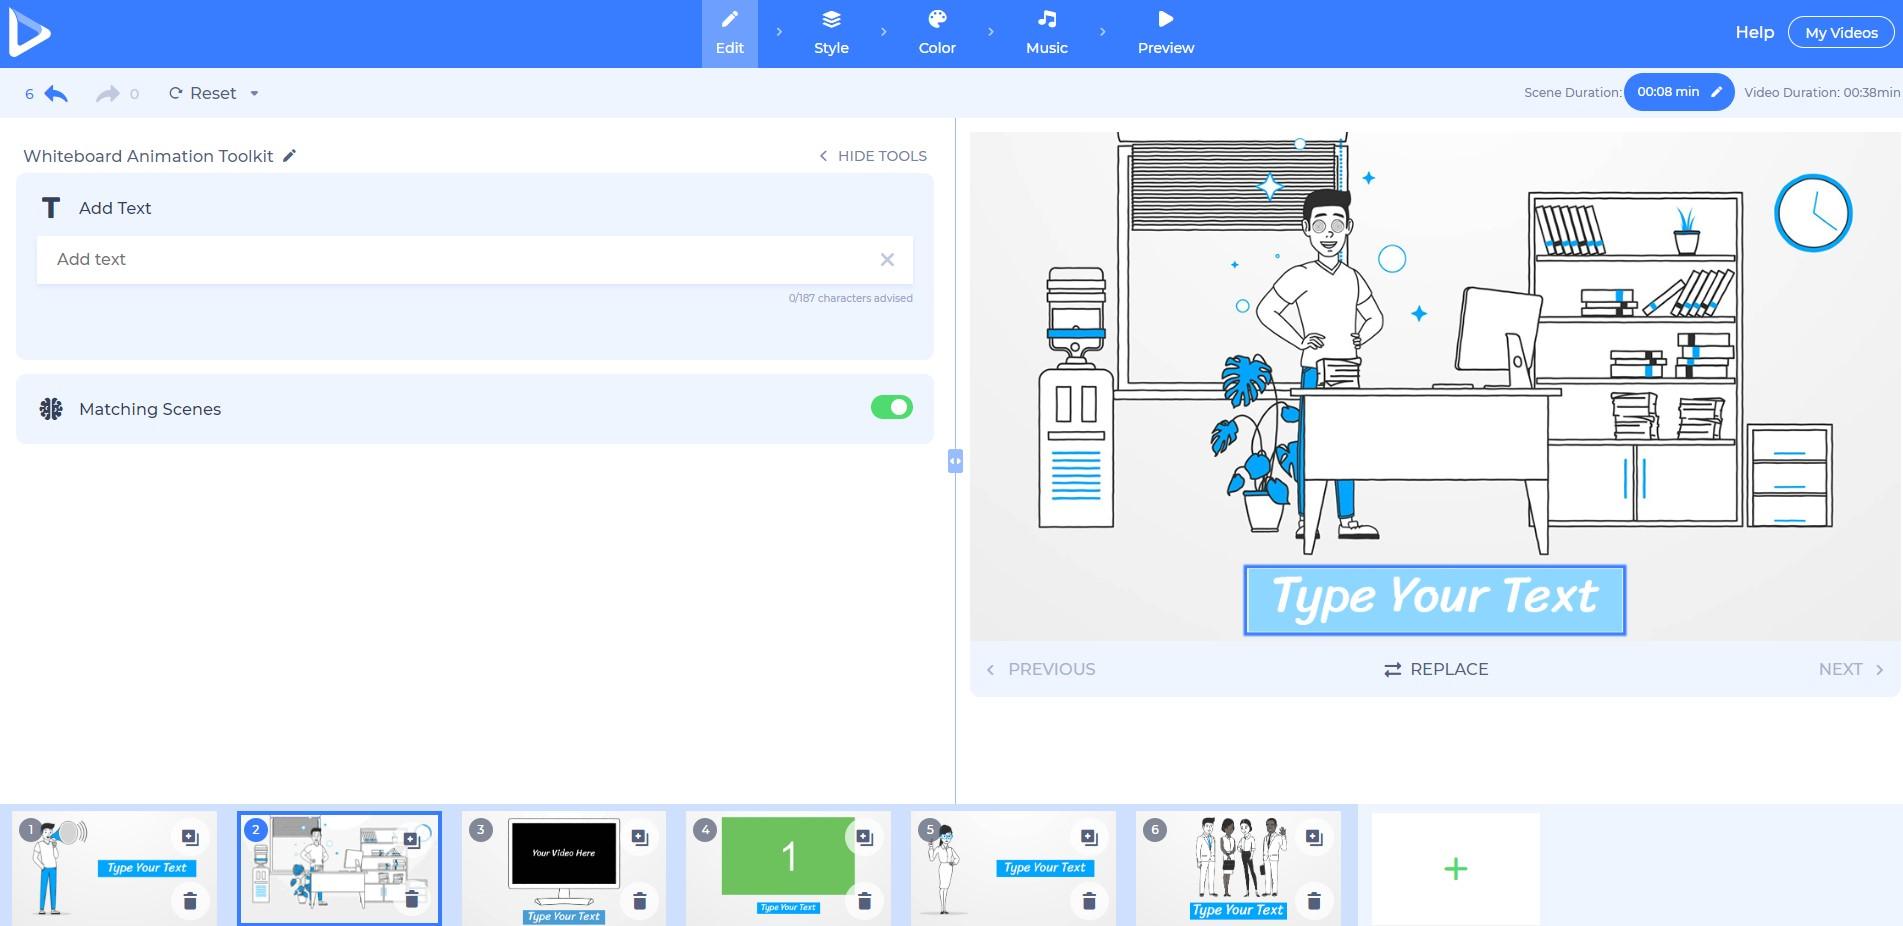 Whiteboard Animation Dashboard